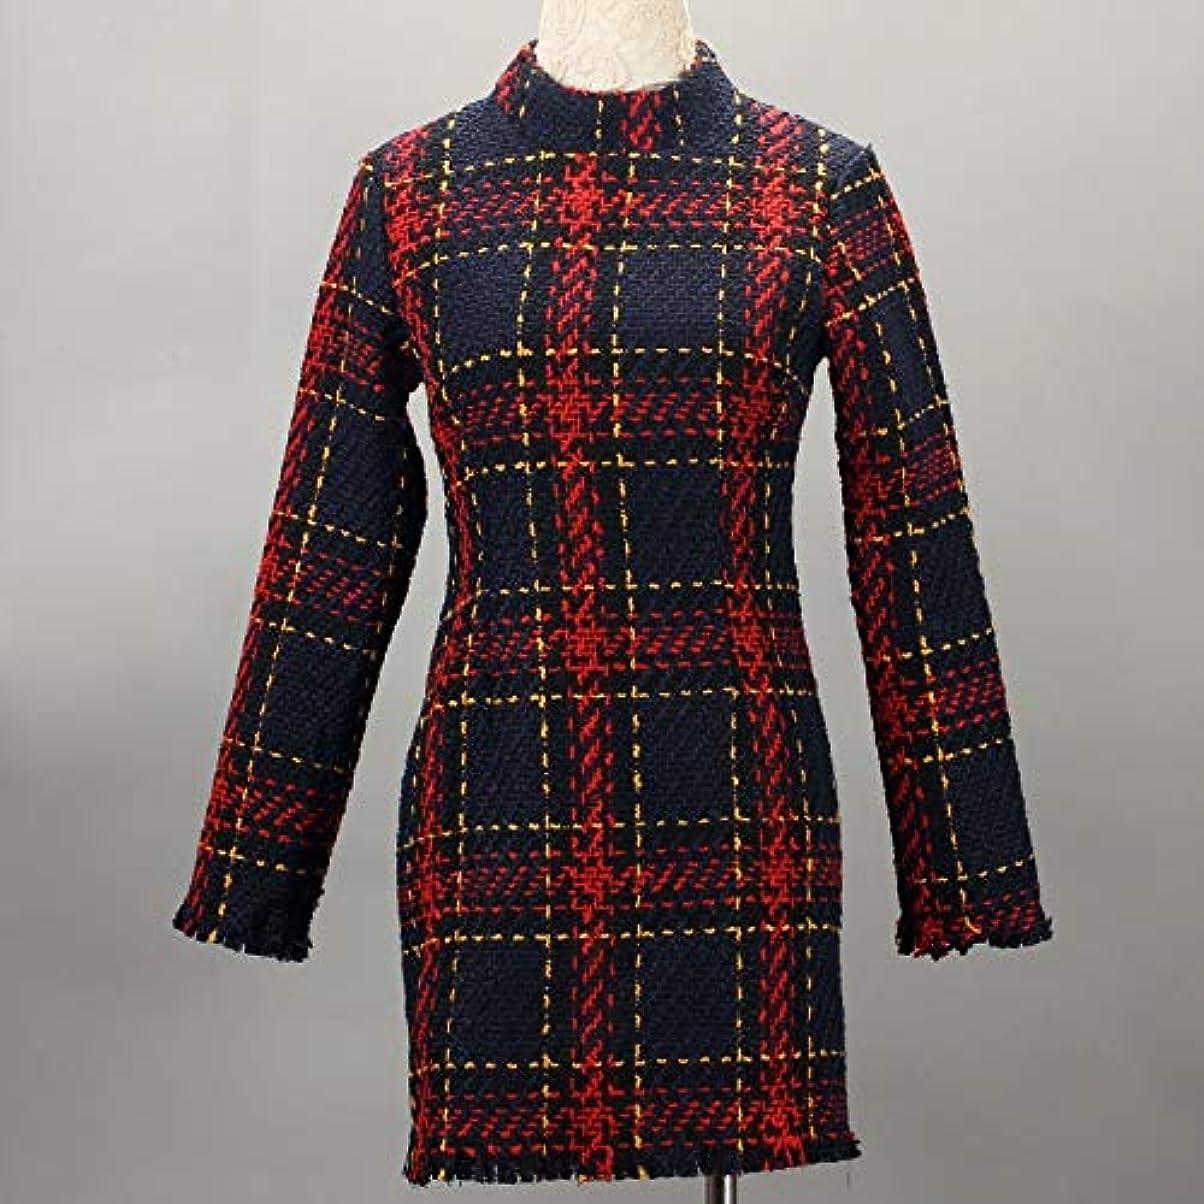 コンサルタント逃げる汚すOnderroa - ファッション冬のドレスの女性は、ストライプ長袖スリムスキニーセクシーなミニボディコンヴィンテージvestidosドレスの女性を印刷PLAID